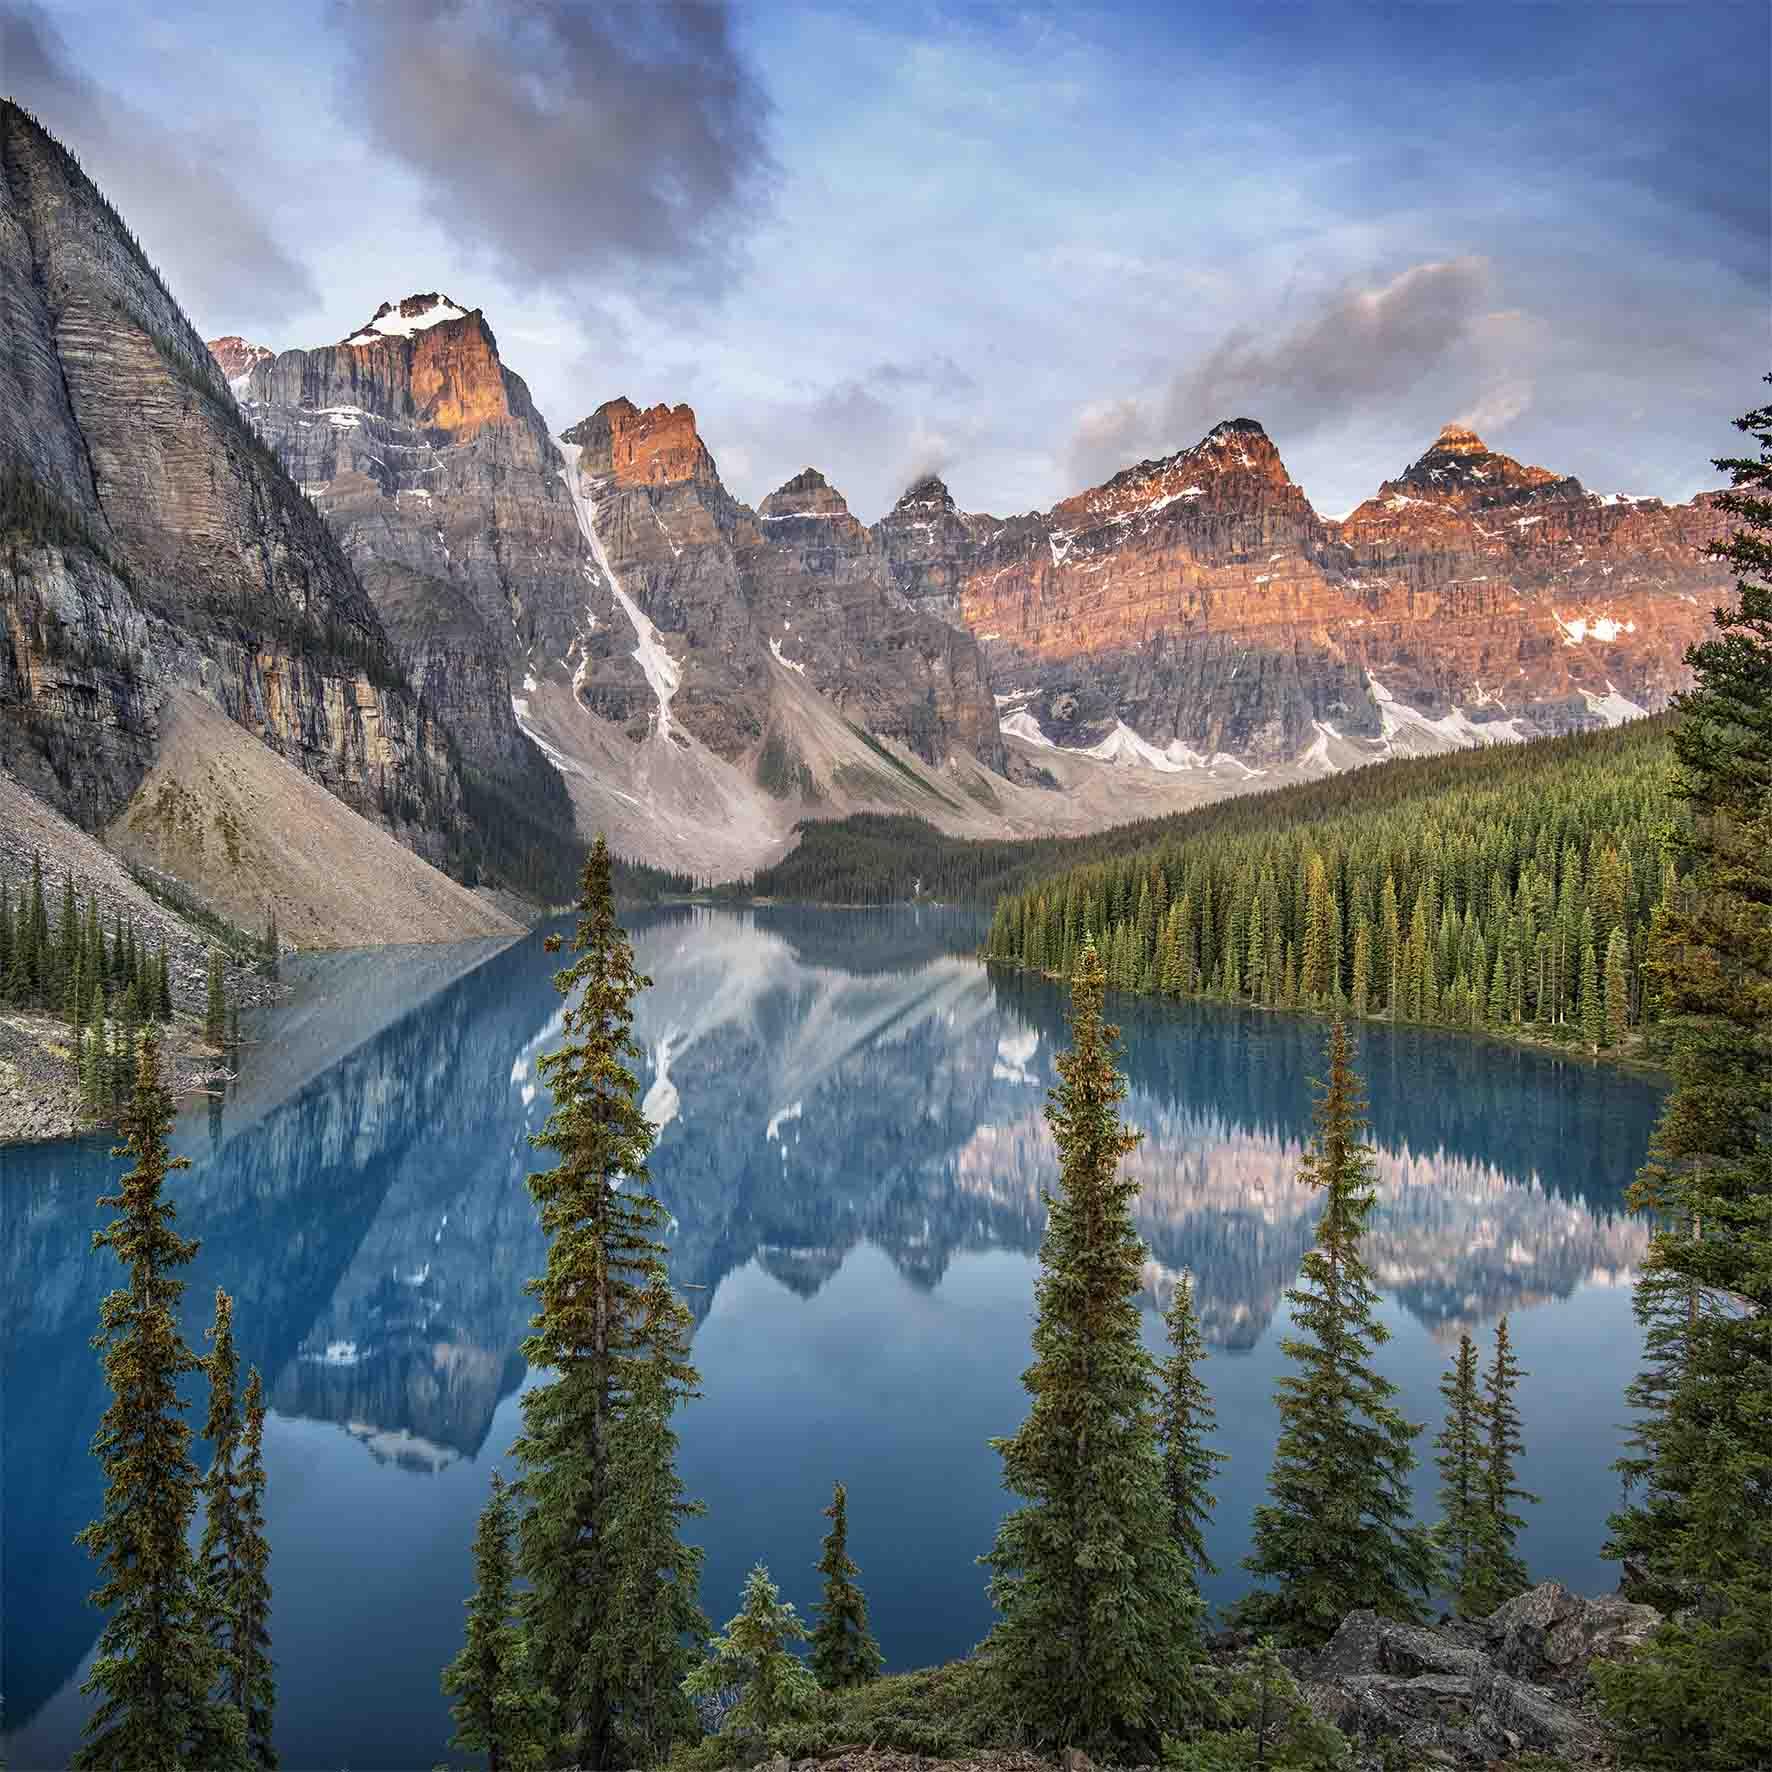 Lake Moraine, Canada. by Ignacio Palacios